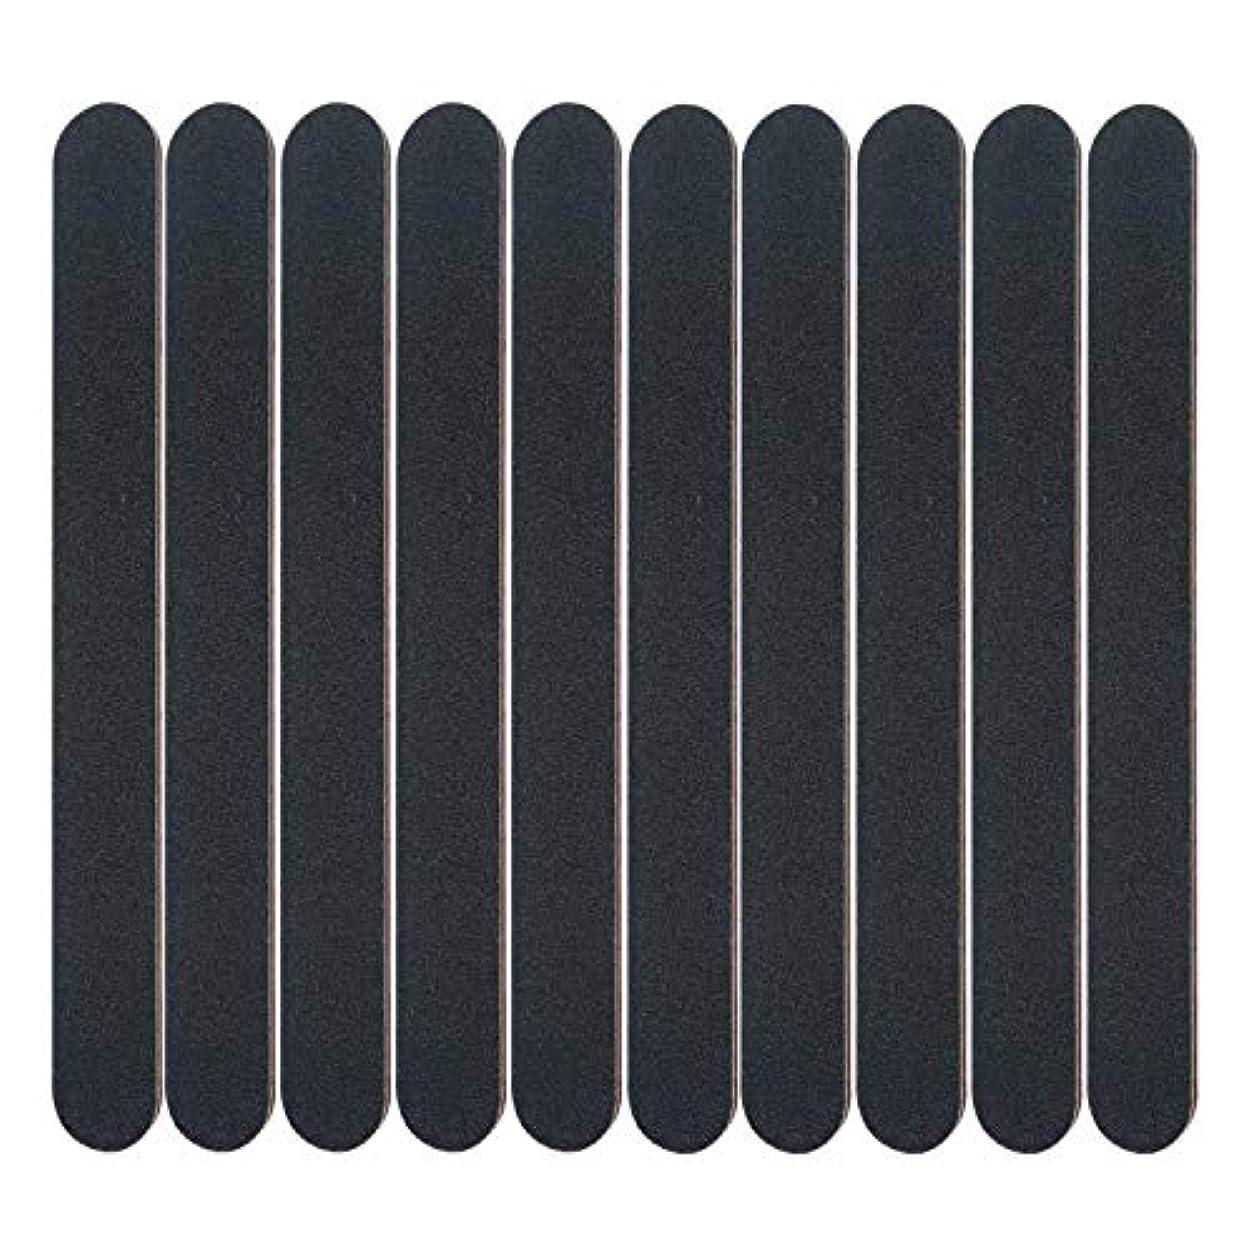 お風呂葬儀背の高い10個ネイルファイル、両面エメリーボードサンディングブロックアートマニキュアツール、黒